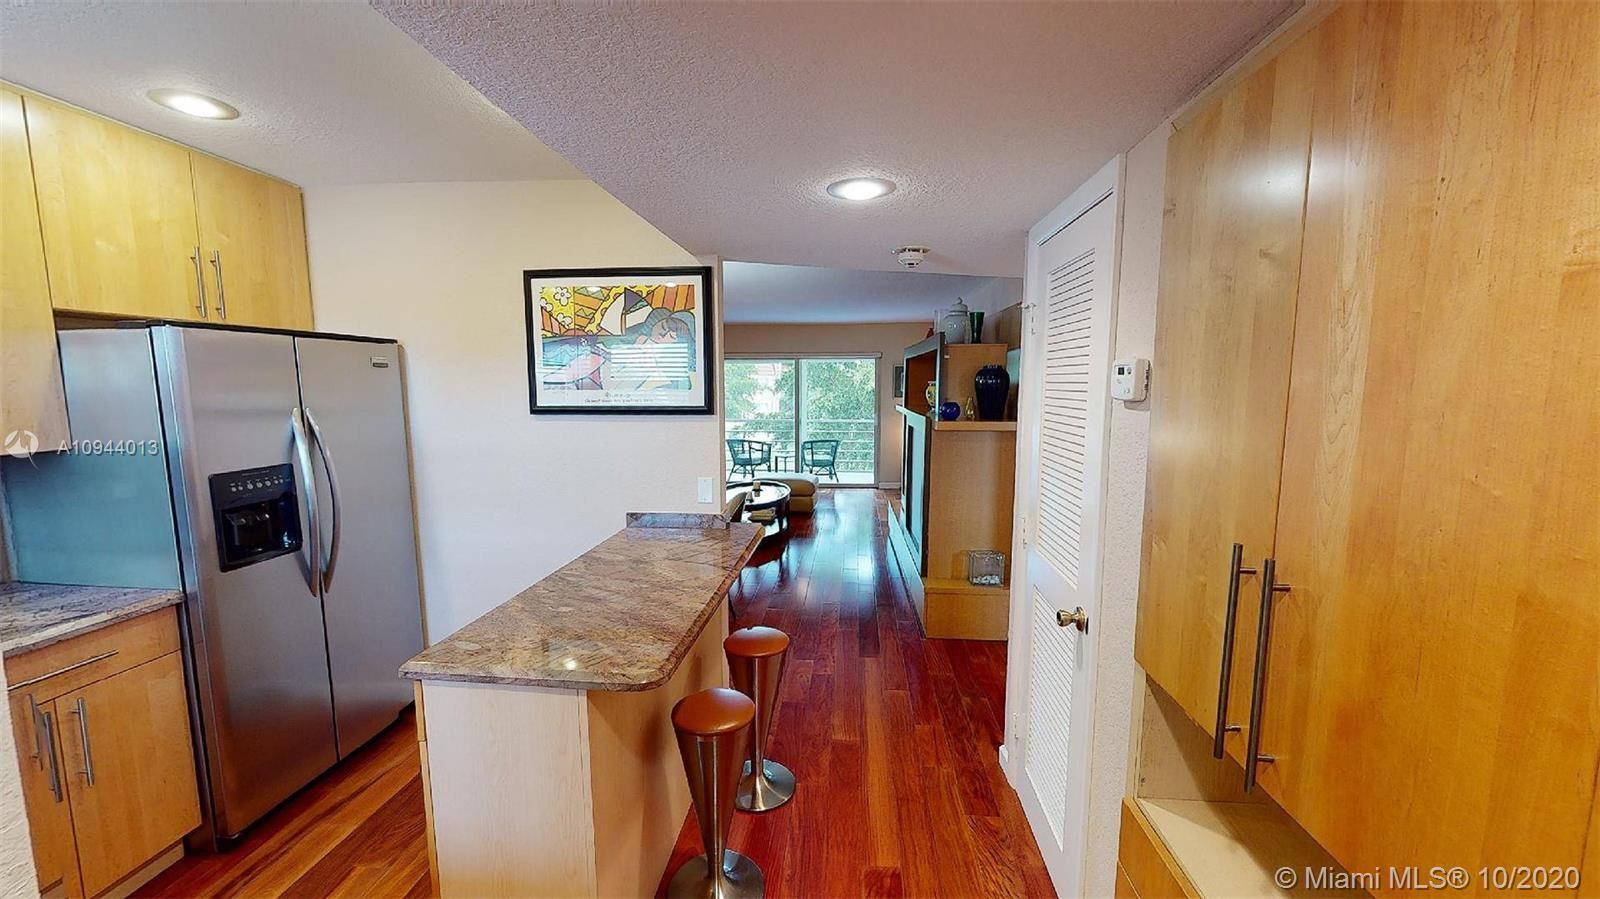 2721 N Pine Island Rd #302, Sunrise, FL 33322 - #: A10944013